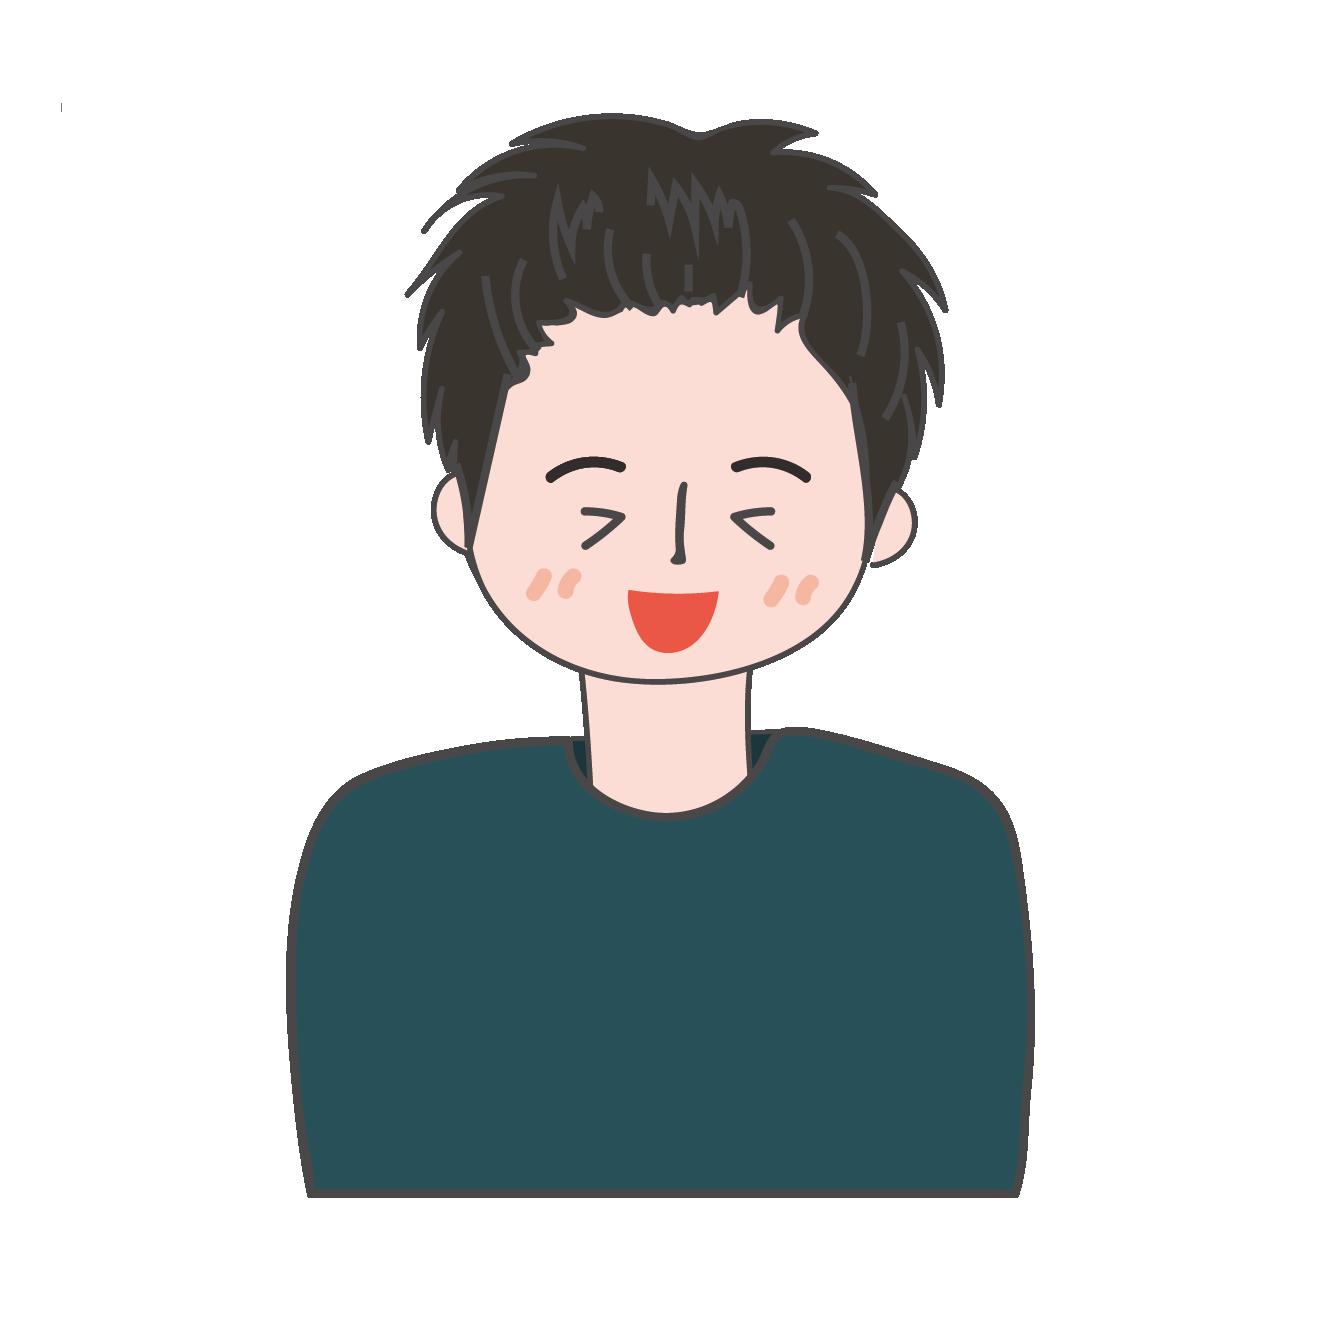 嬉しい!嬉しそうな表情の男性 イラスト | 商用フリー(無料)のイラスト